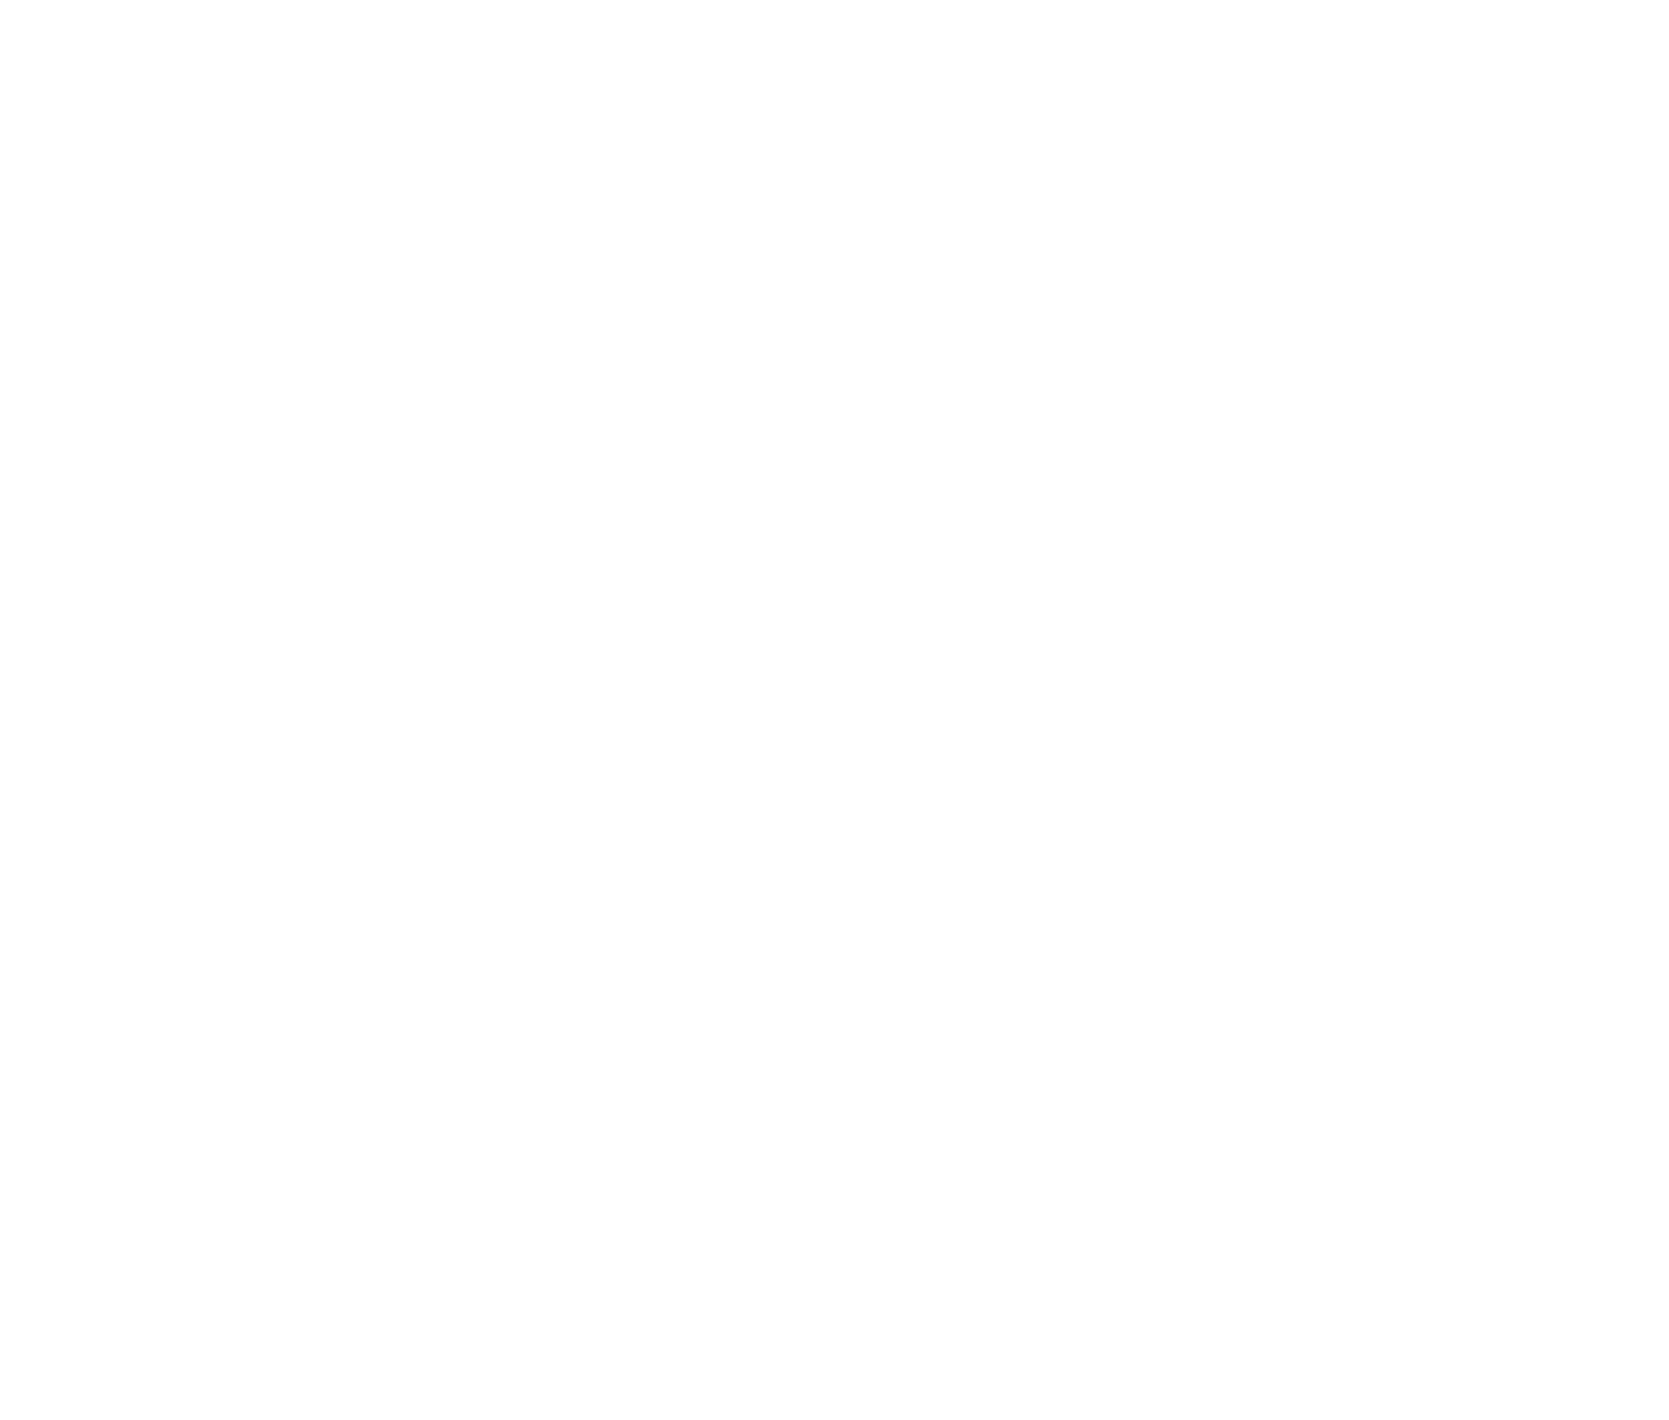 天津サイシャンホテル